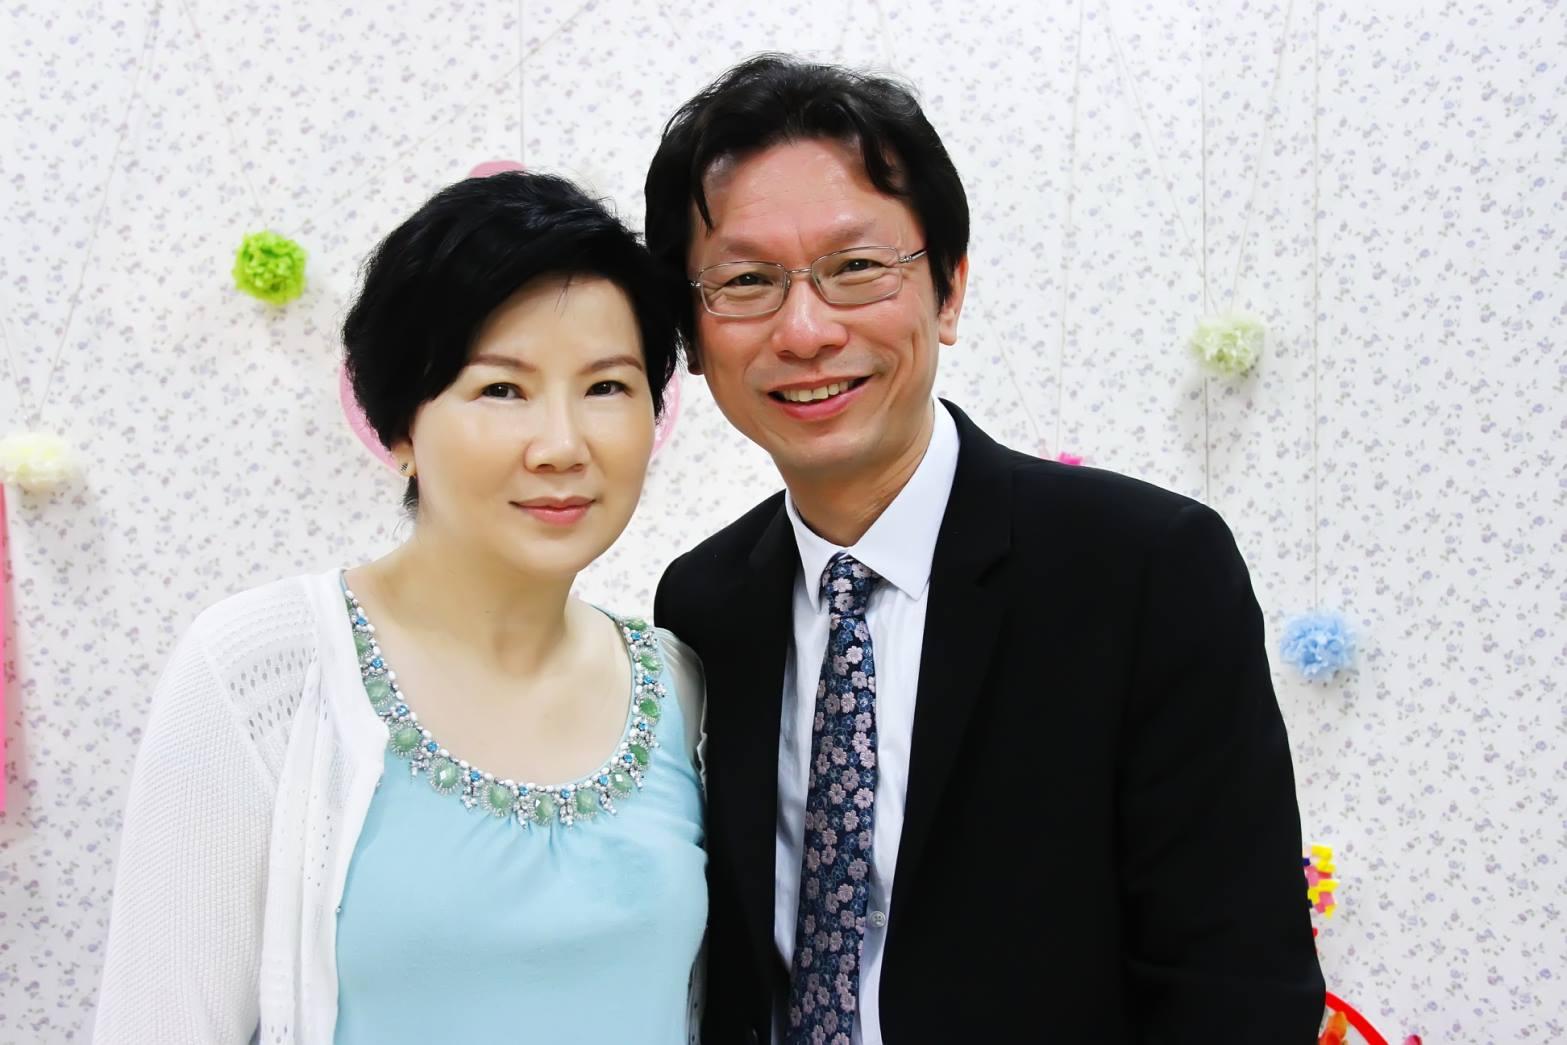 朱家祥醫師與妻子劉采艷合影。